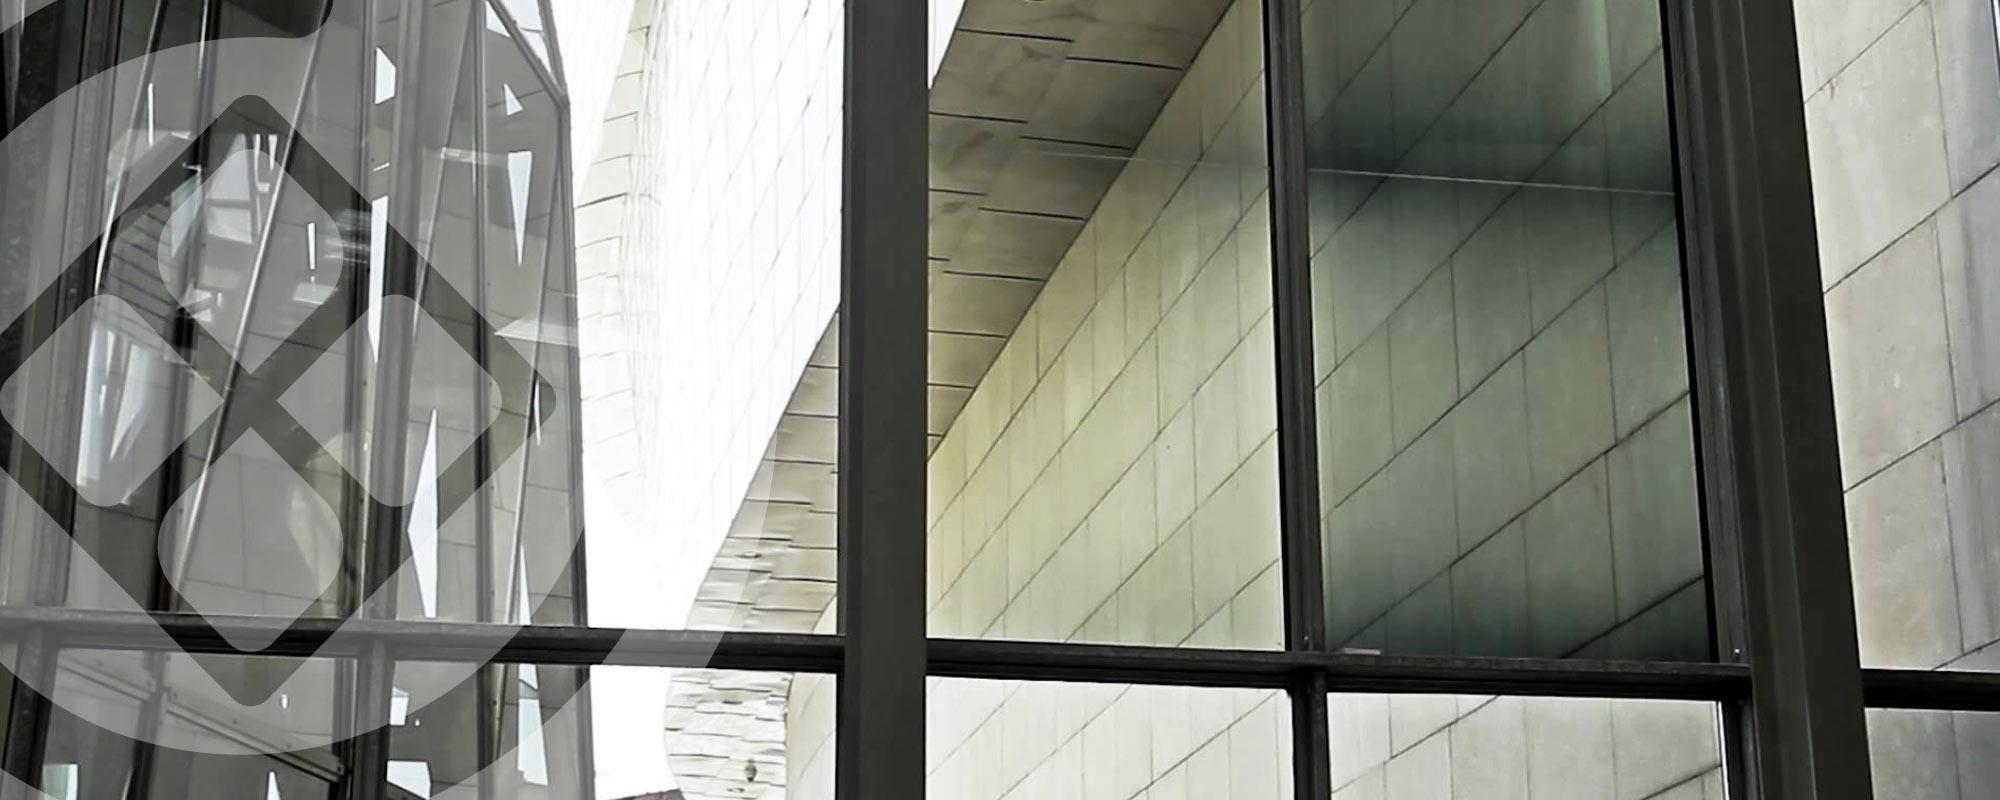 vidrio-inteligente-costa-del-sol